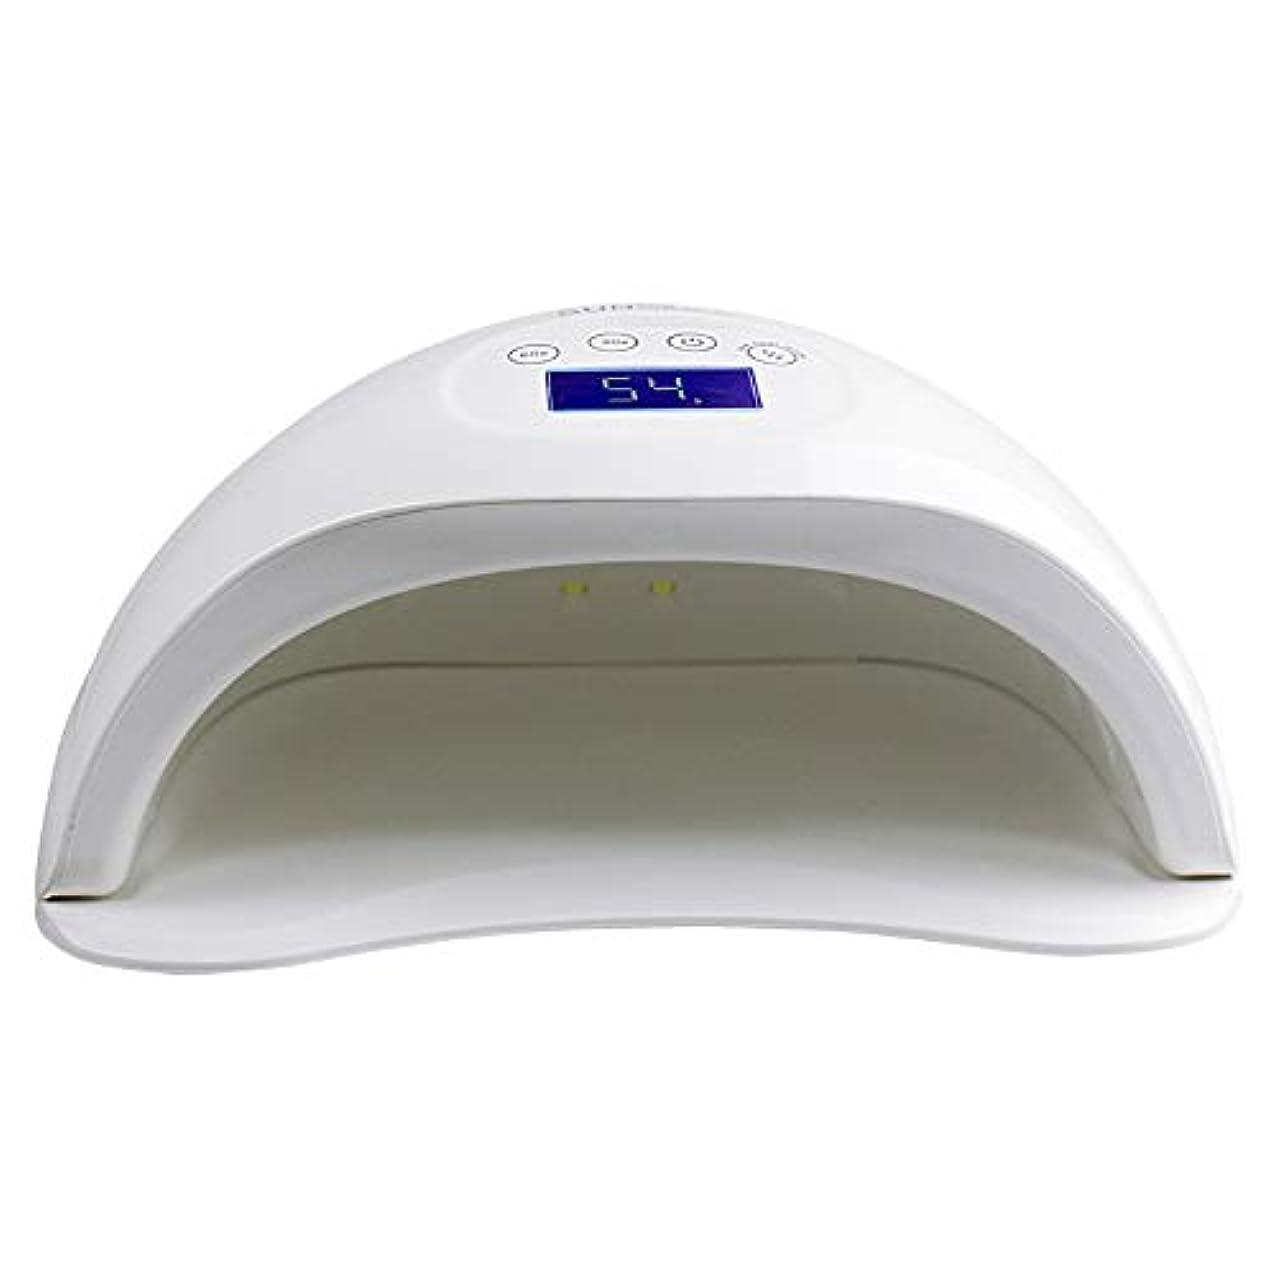 拮抗する疑い処方ネイル光線療法機、デジタルインテリジェント自動ネイル高速乾燥機、デュアル光源ノンスリップ多機能ネイルポリッシャー、家族/美容/ホテルに適しています